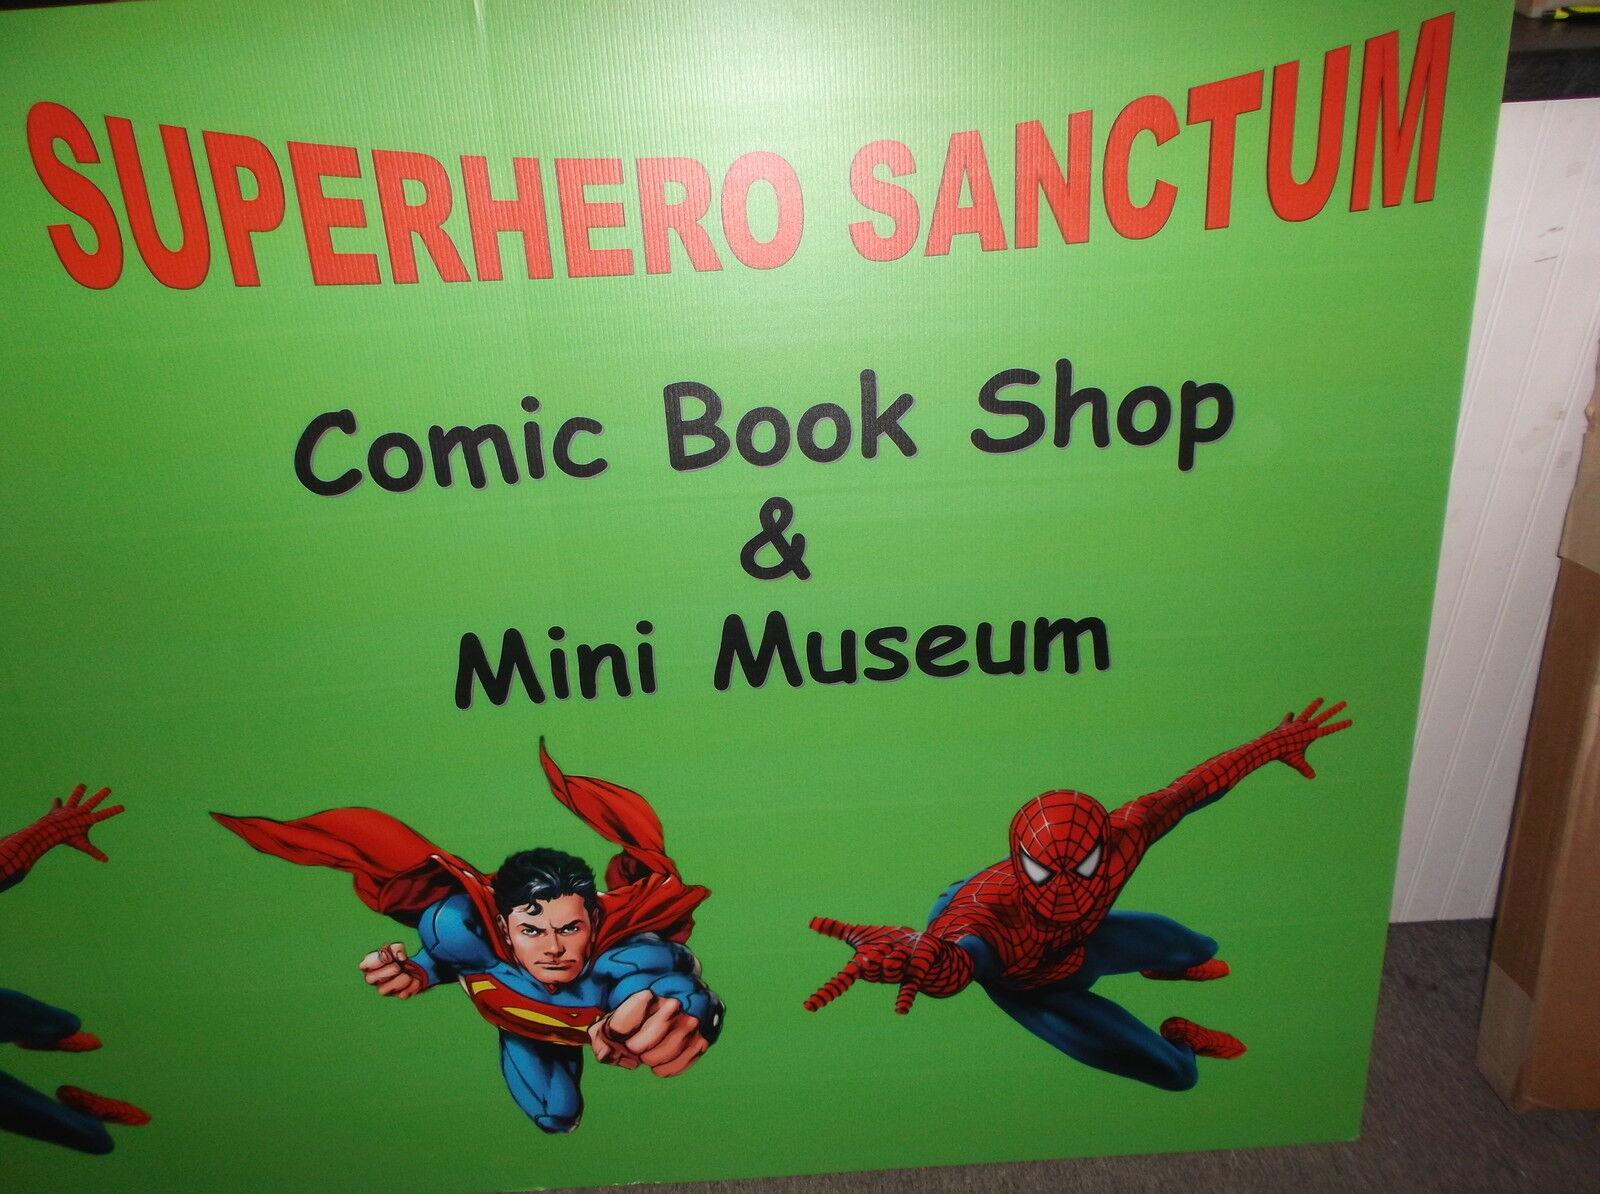 SUPERHERO-SANCTUM